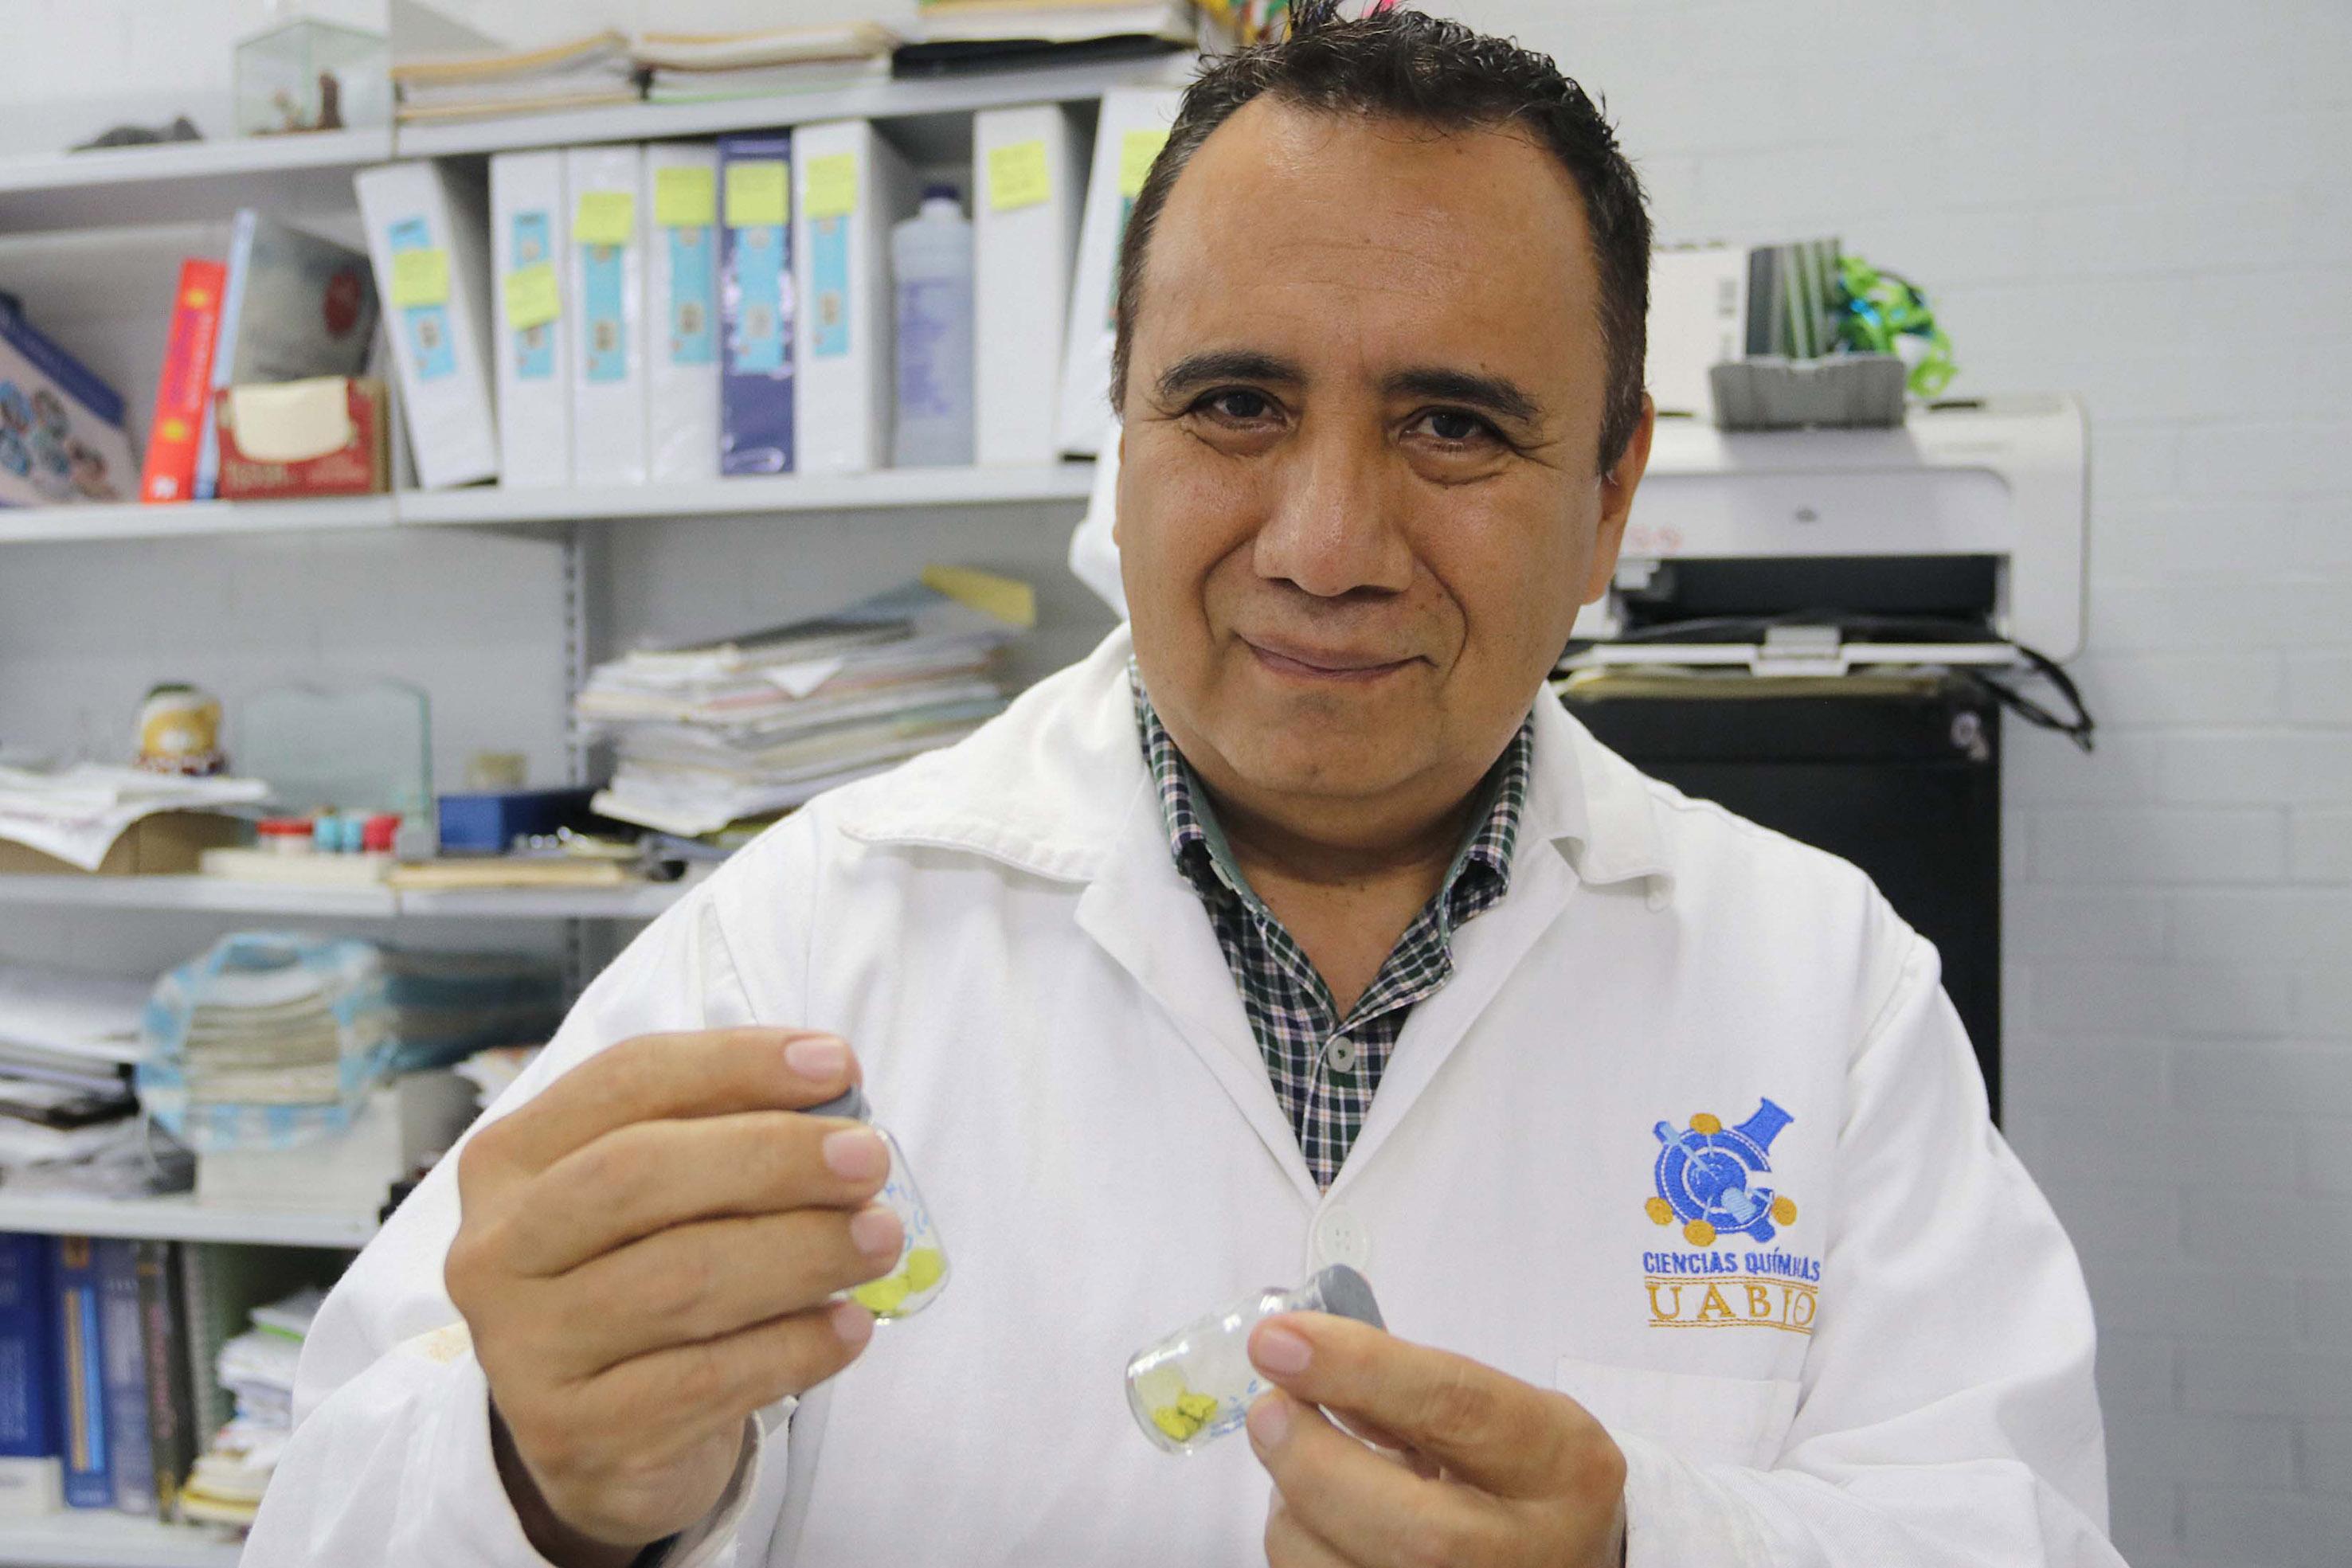 Patentan científicos mexicanos compuesto que elimina del infectado al parásito causante del mal de Chagas